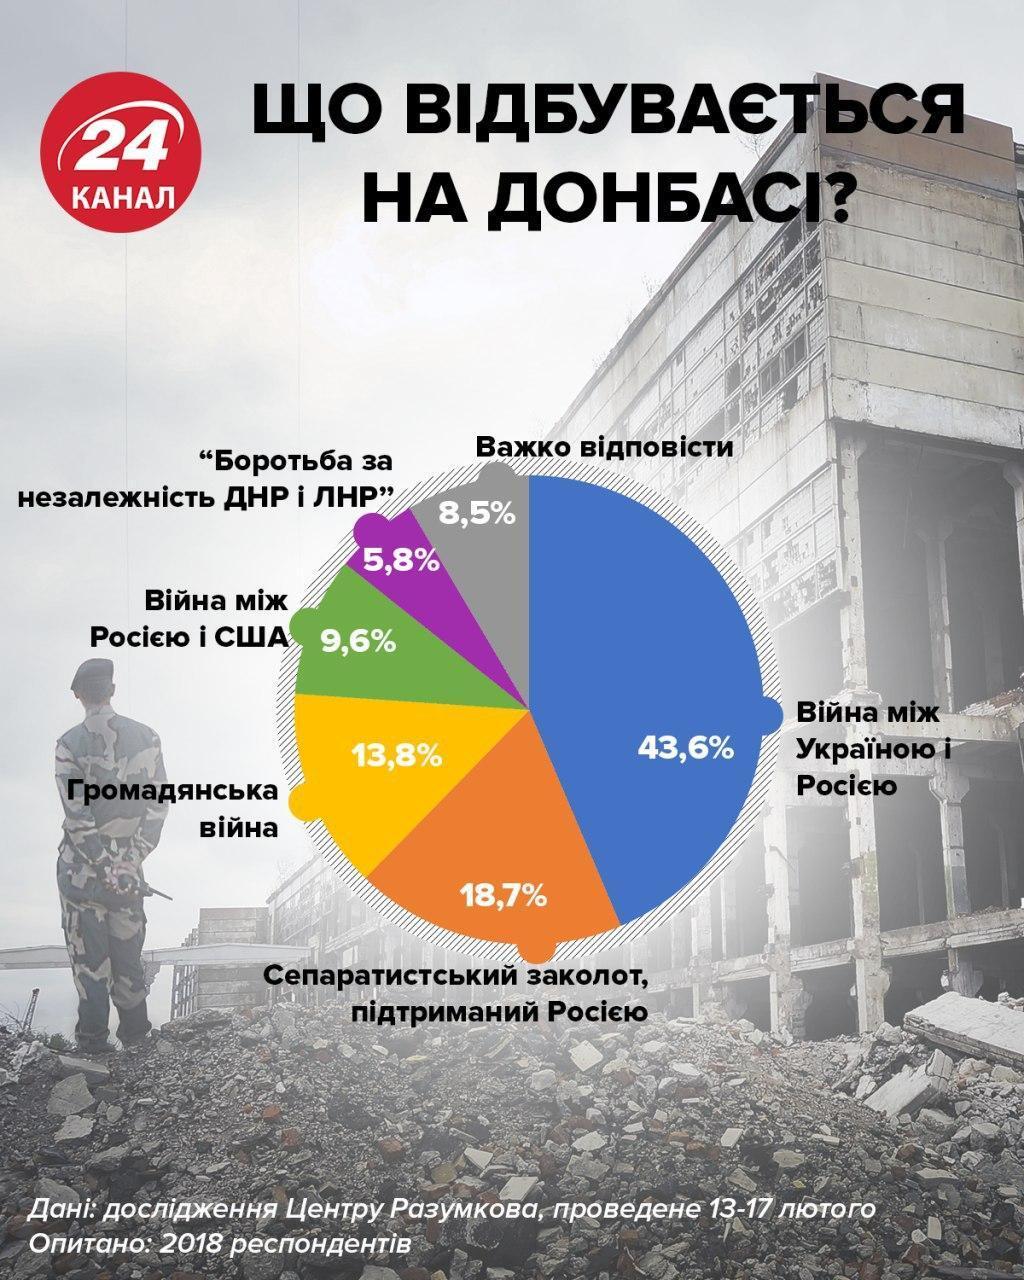 В Украине ждут возвращения Донбасса: опубликованы показательные результаты опроса